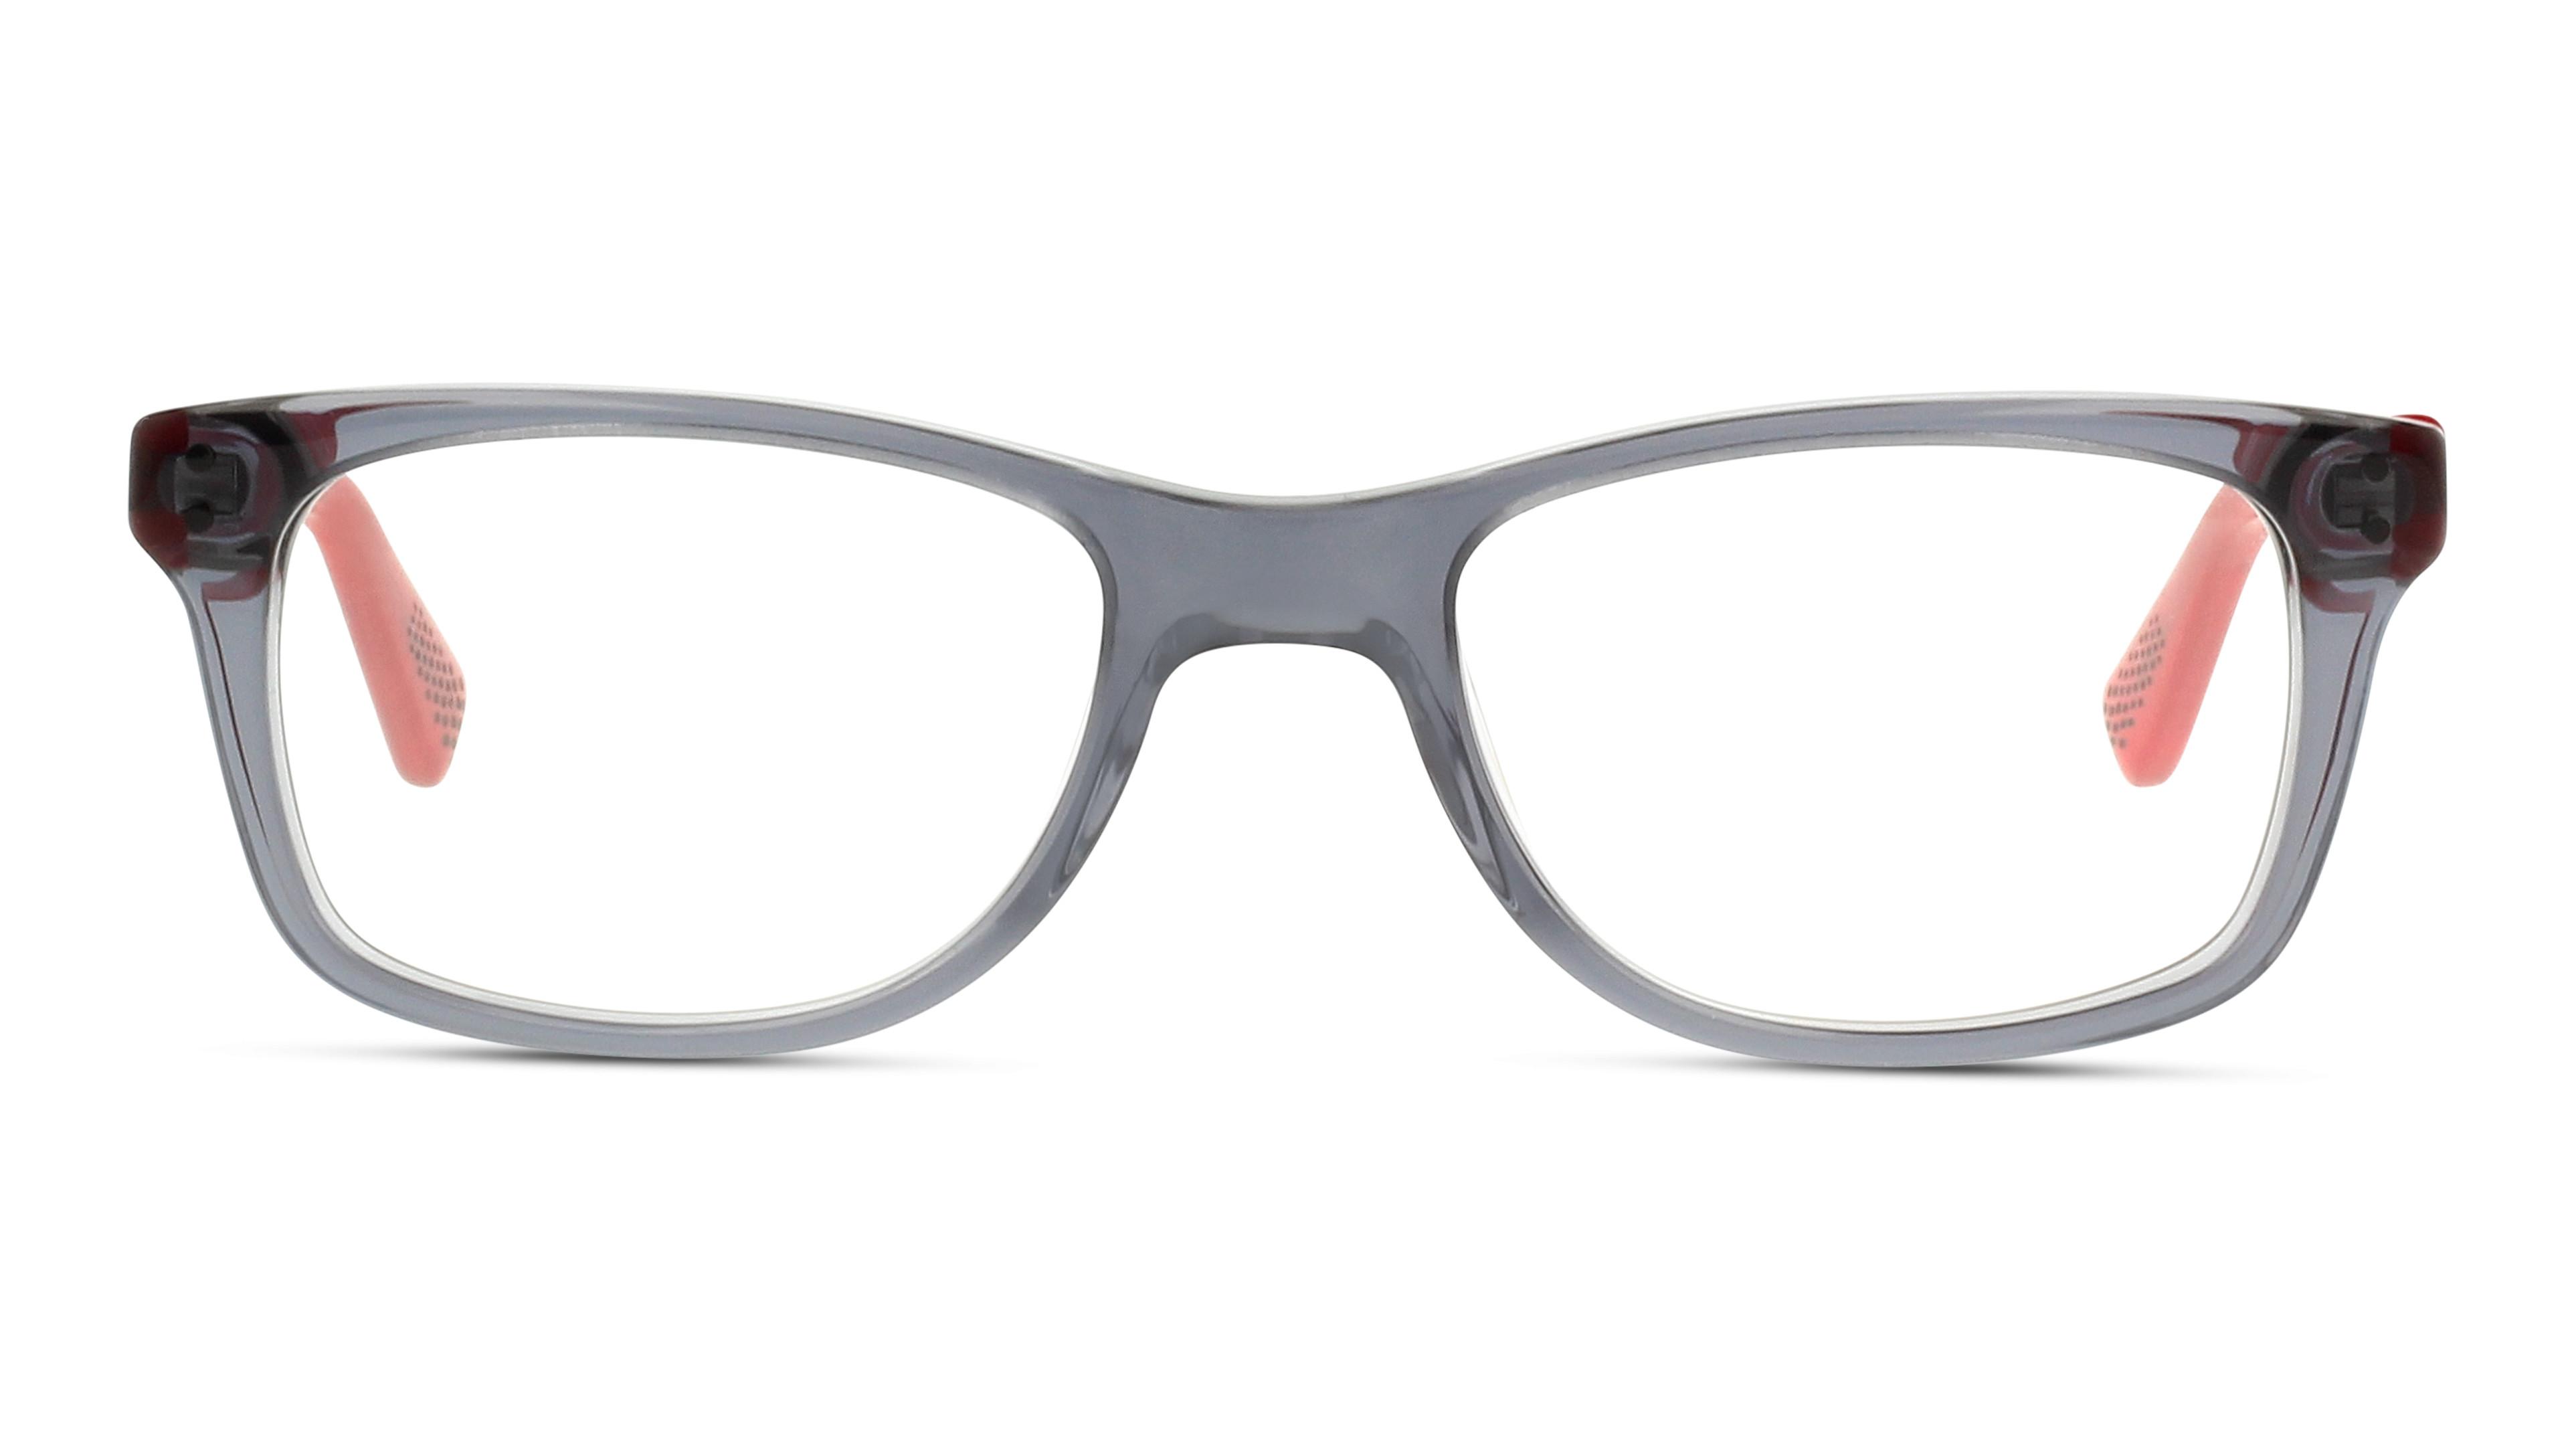 886895285476-front-01-nike-nike_5538-eyewear-anthracite-red_1